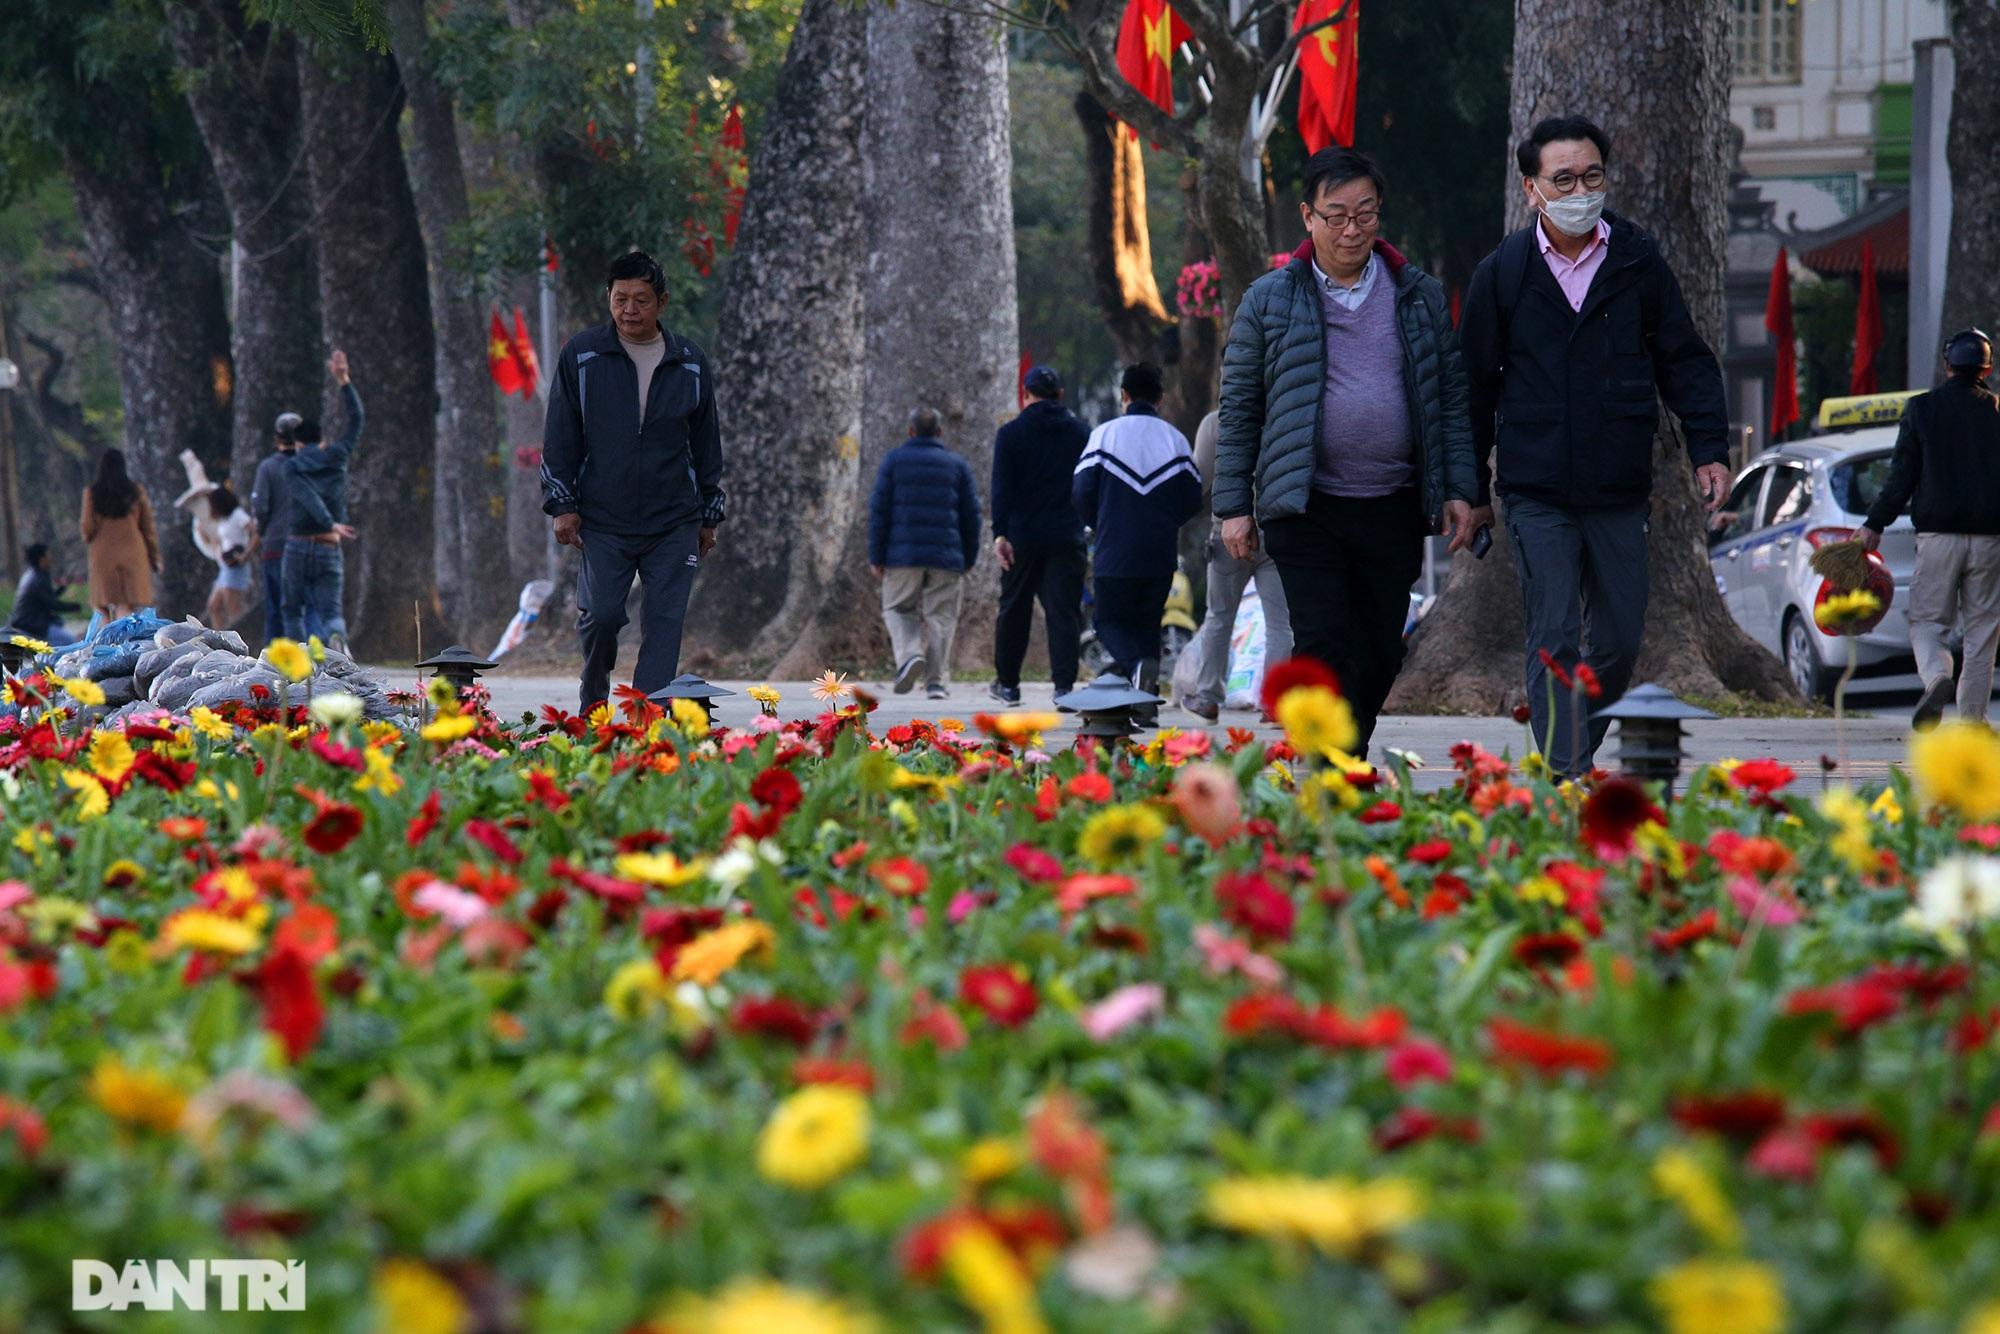 Hồ Gươm trang trí hoa rực rỡ sắc màu chào mừng Đại hội XIII của Đảng - 4